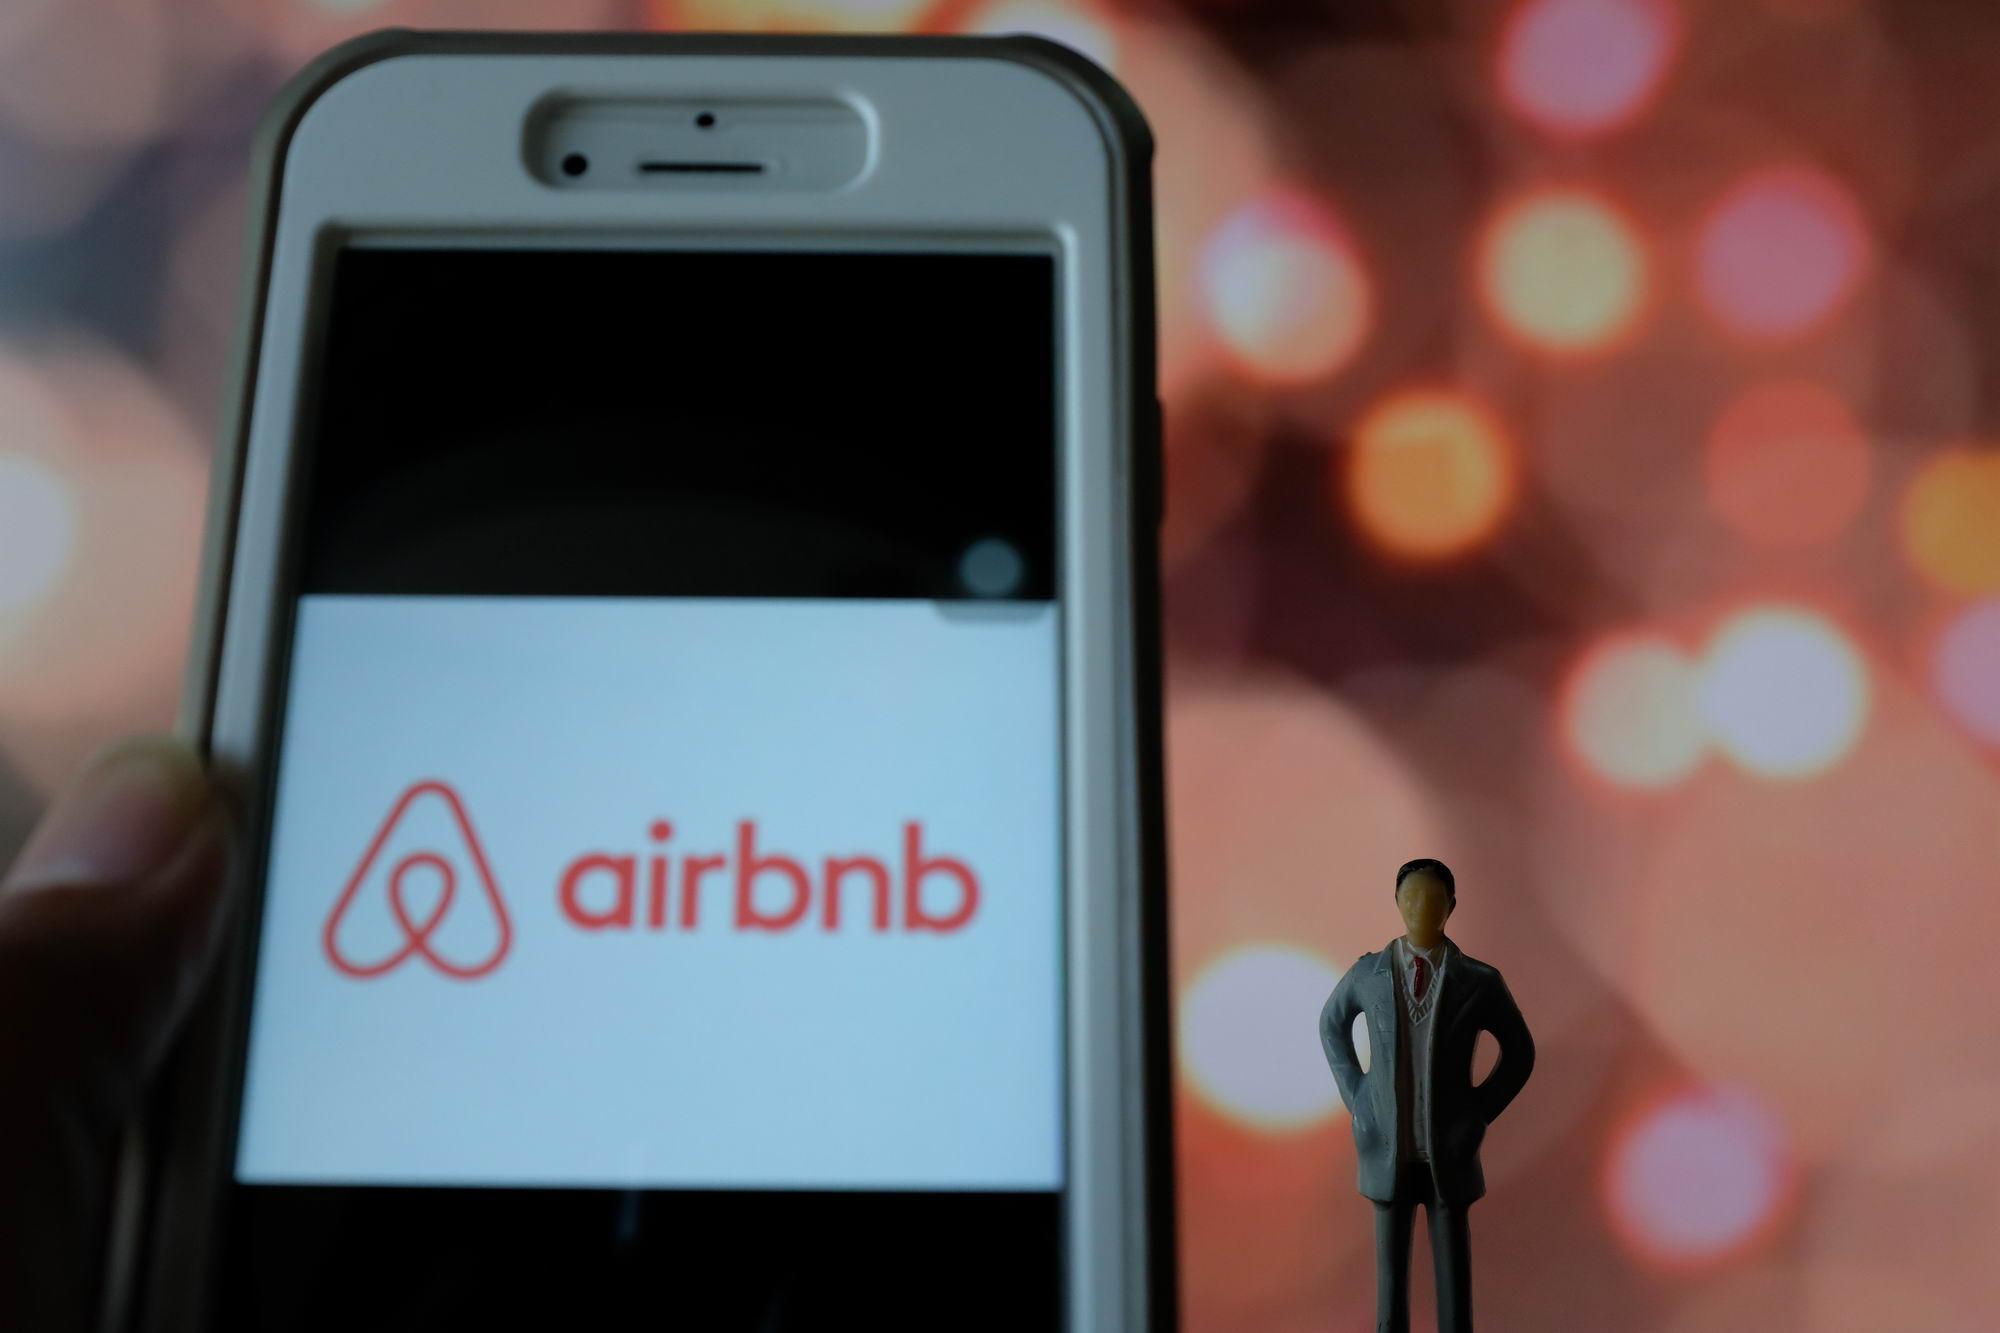 疫情之下,Airbnb新房东的总收入超过10亿美元